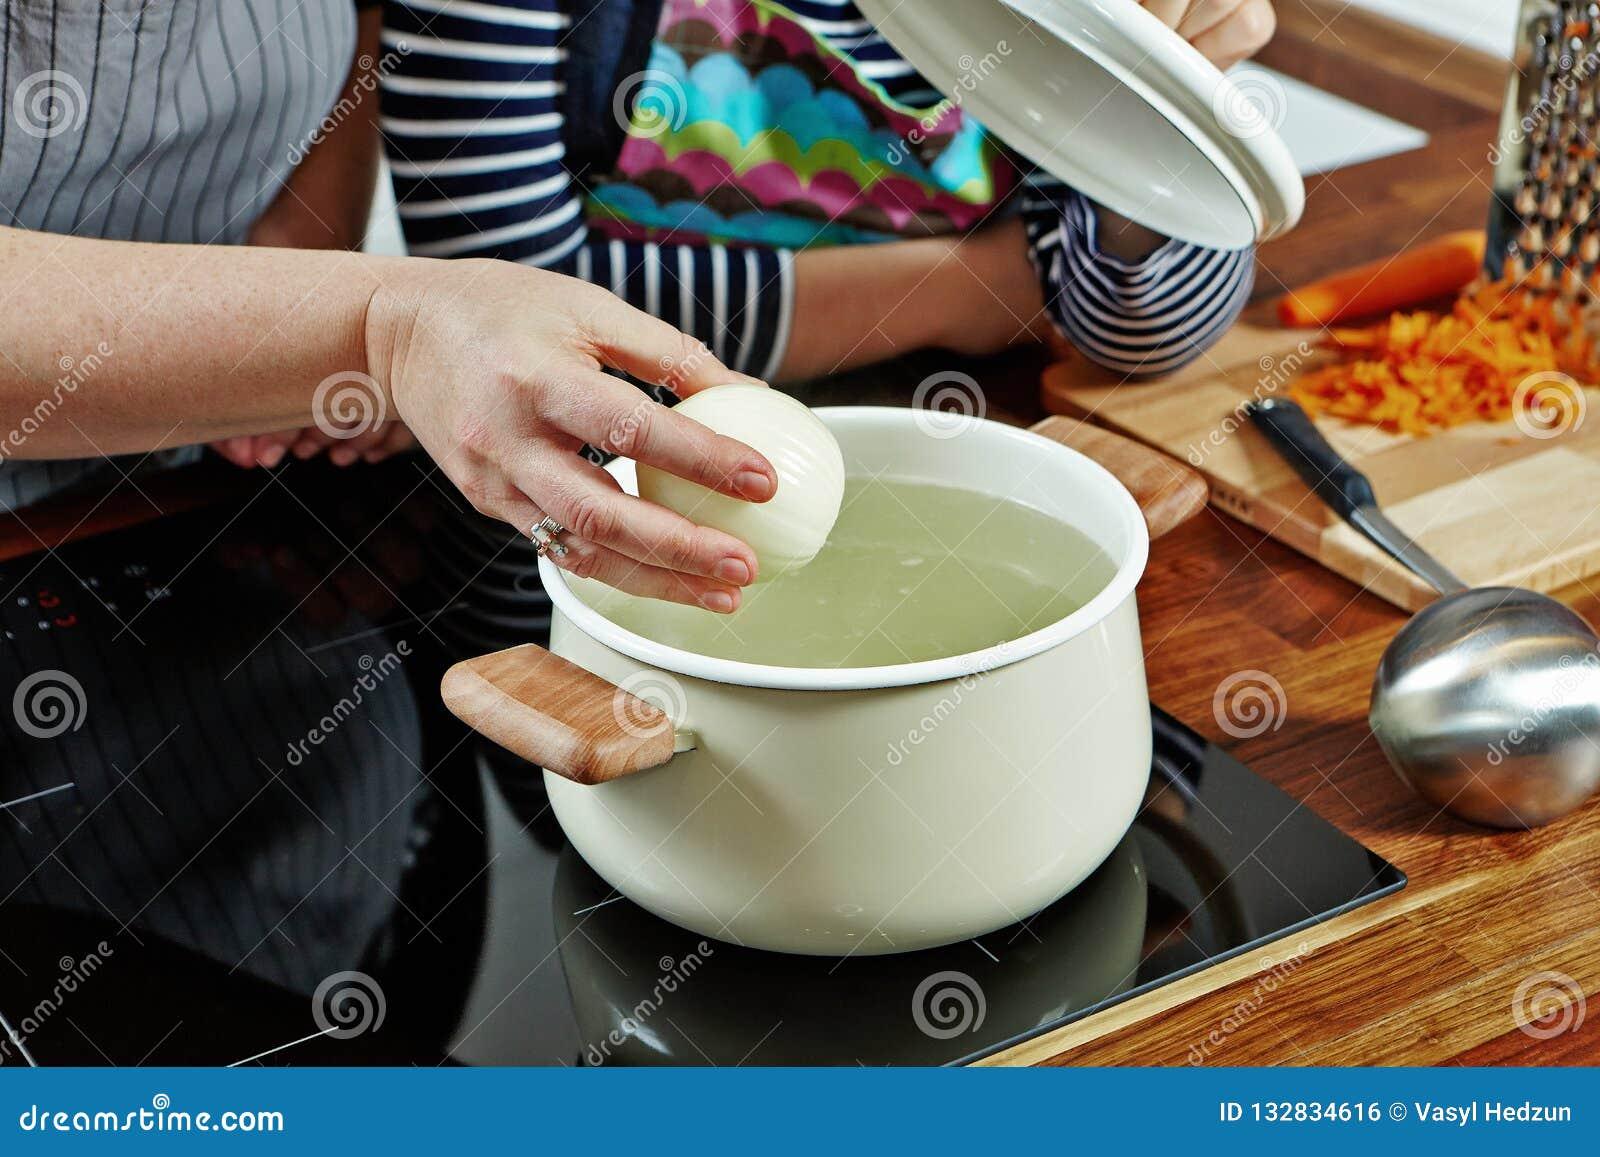 妇女的手以放它的未加工的葱入开水 在黑火炉的被打开的白色平底深锅 烹调汤